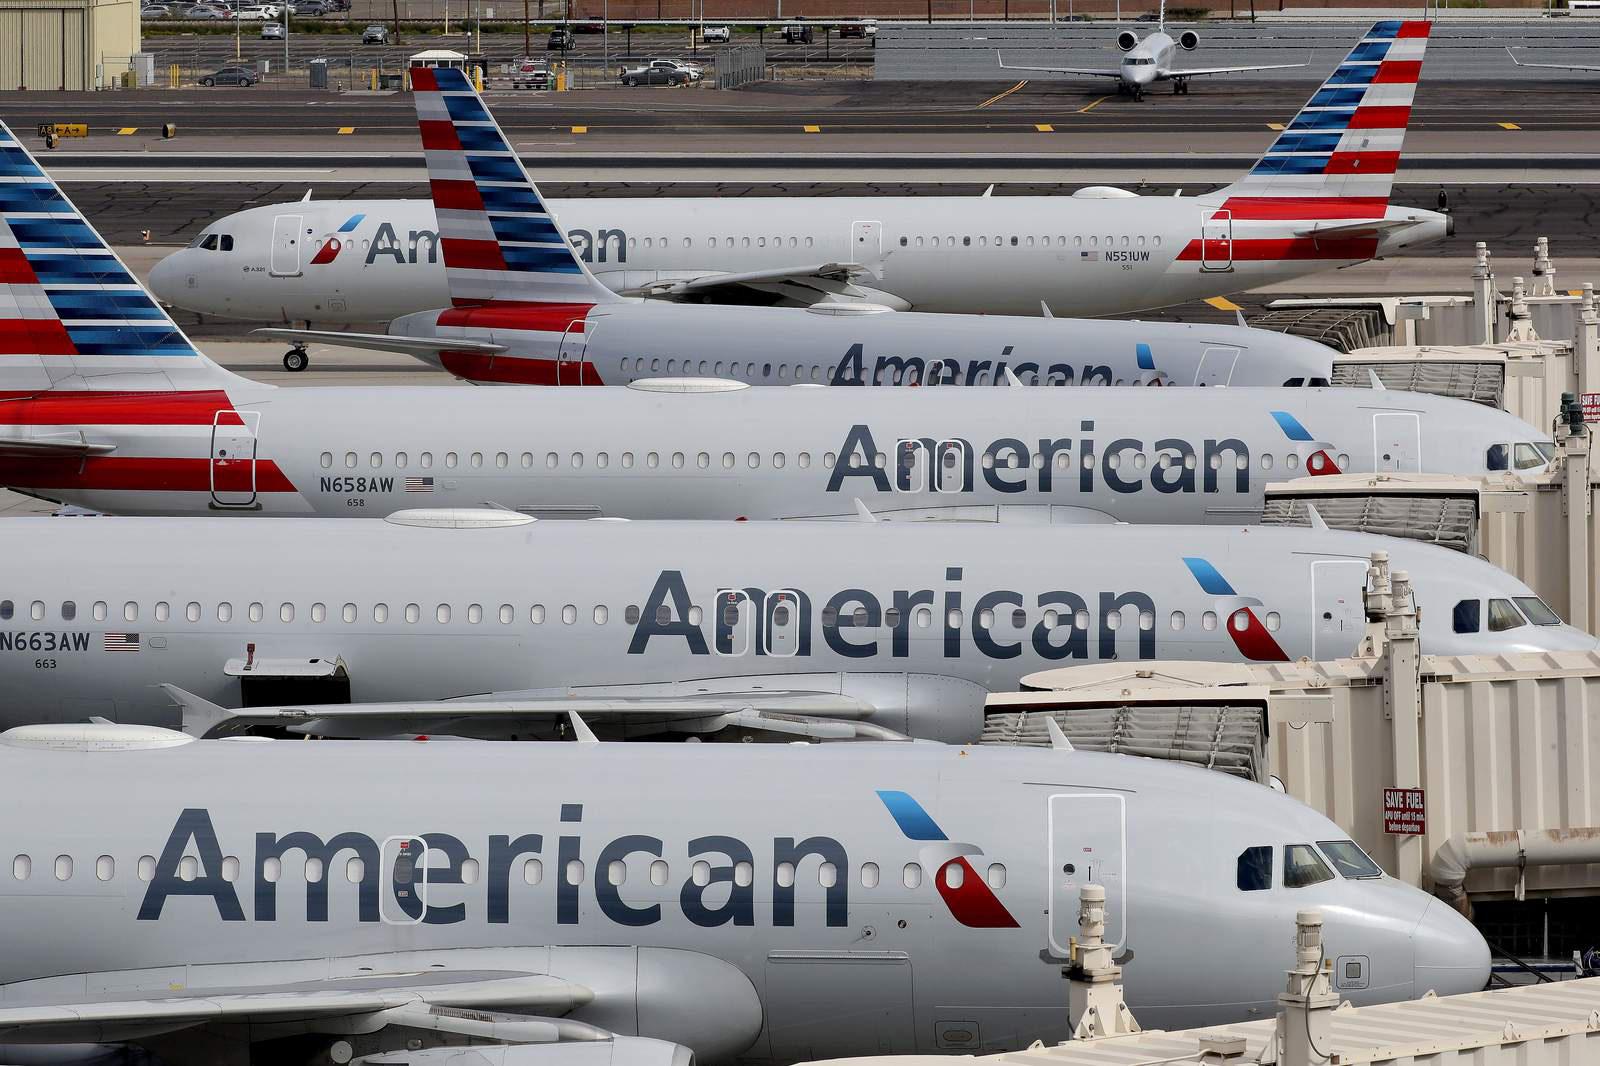 Mỹ: 100 tiếp viên của American Airlines bị nhiễm Covid-19 - Ảnh 1.